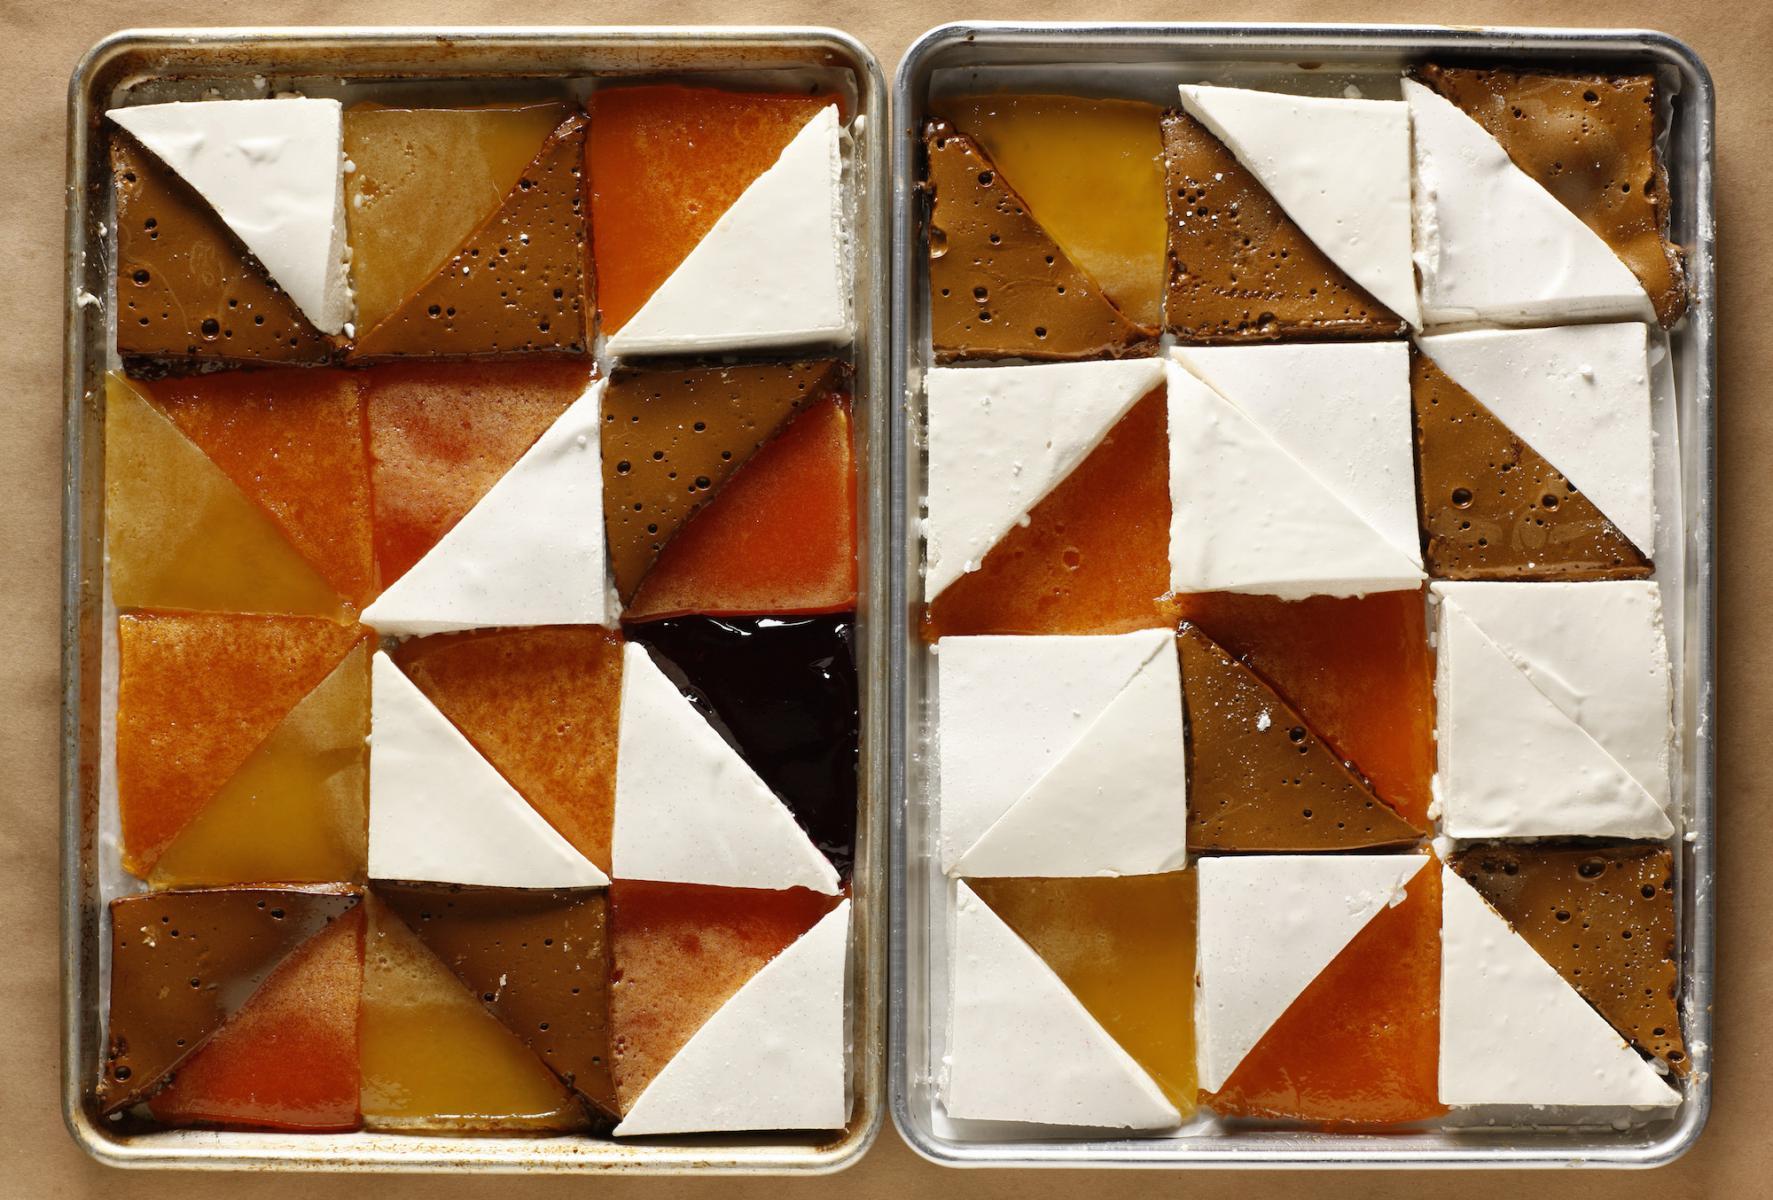 06-gelatines.jpg